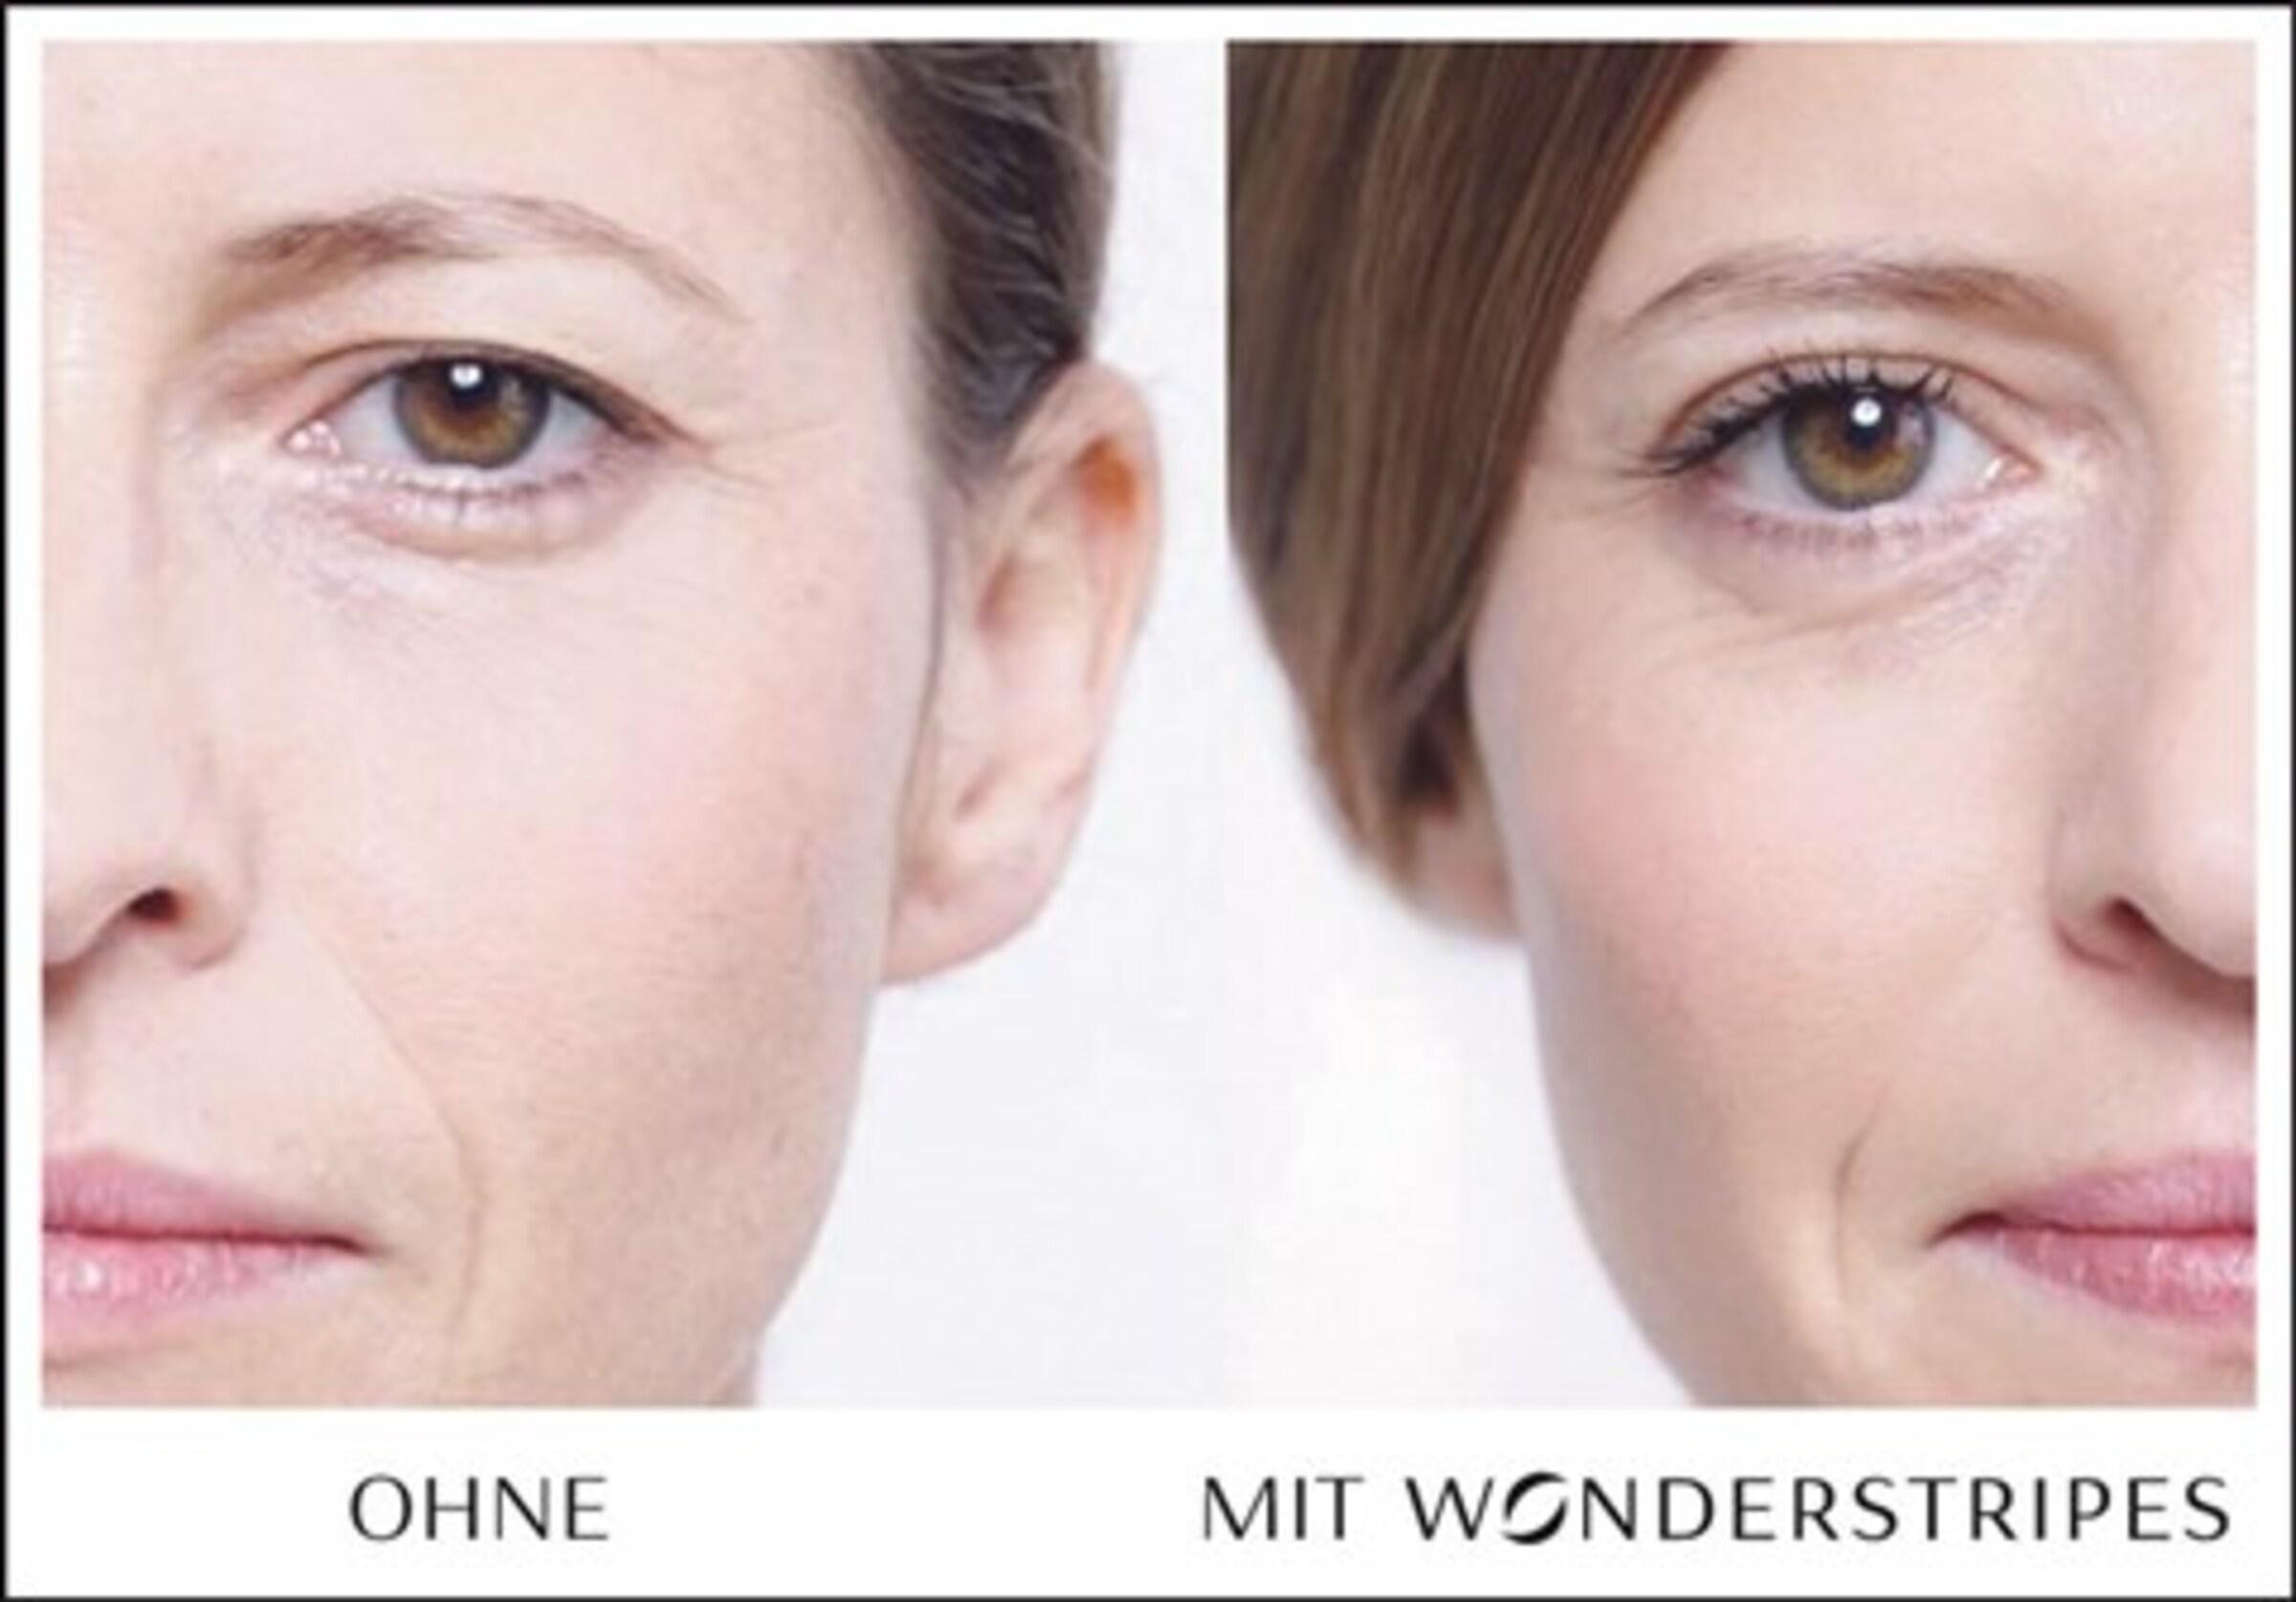 pflaster Zur Optischen In 'augenlid Augenlidkorrektur Wonderstripes Pflaster' Schönheits Transparent korrektur kOPXiuZT